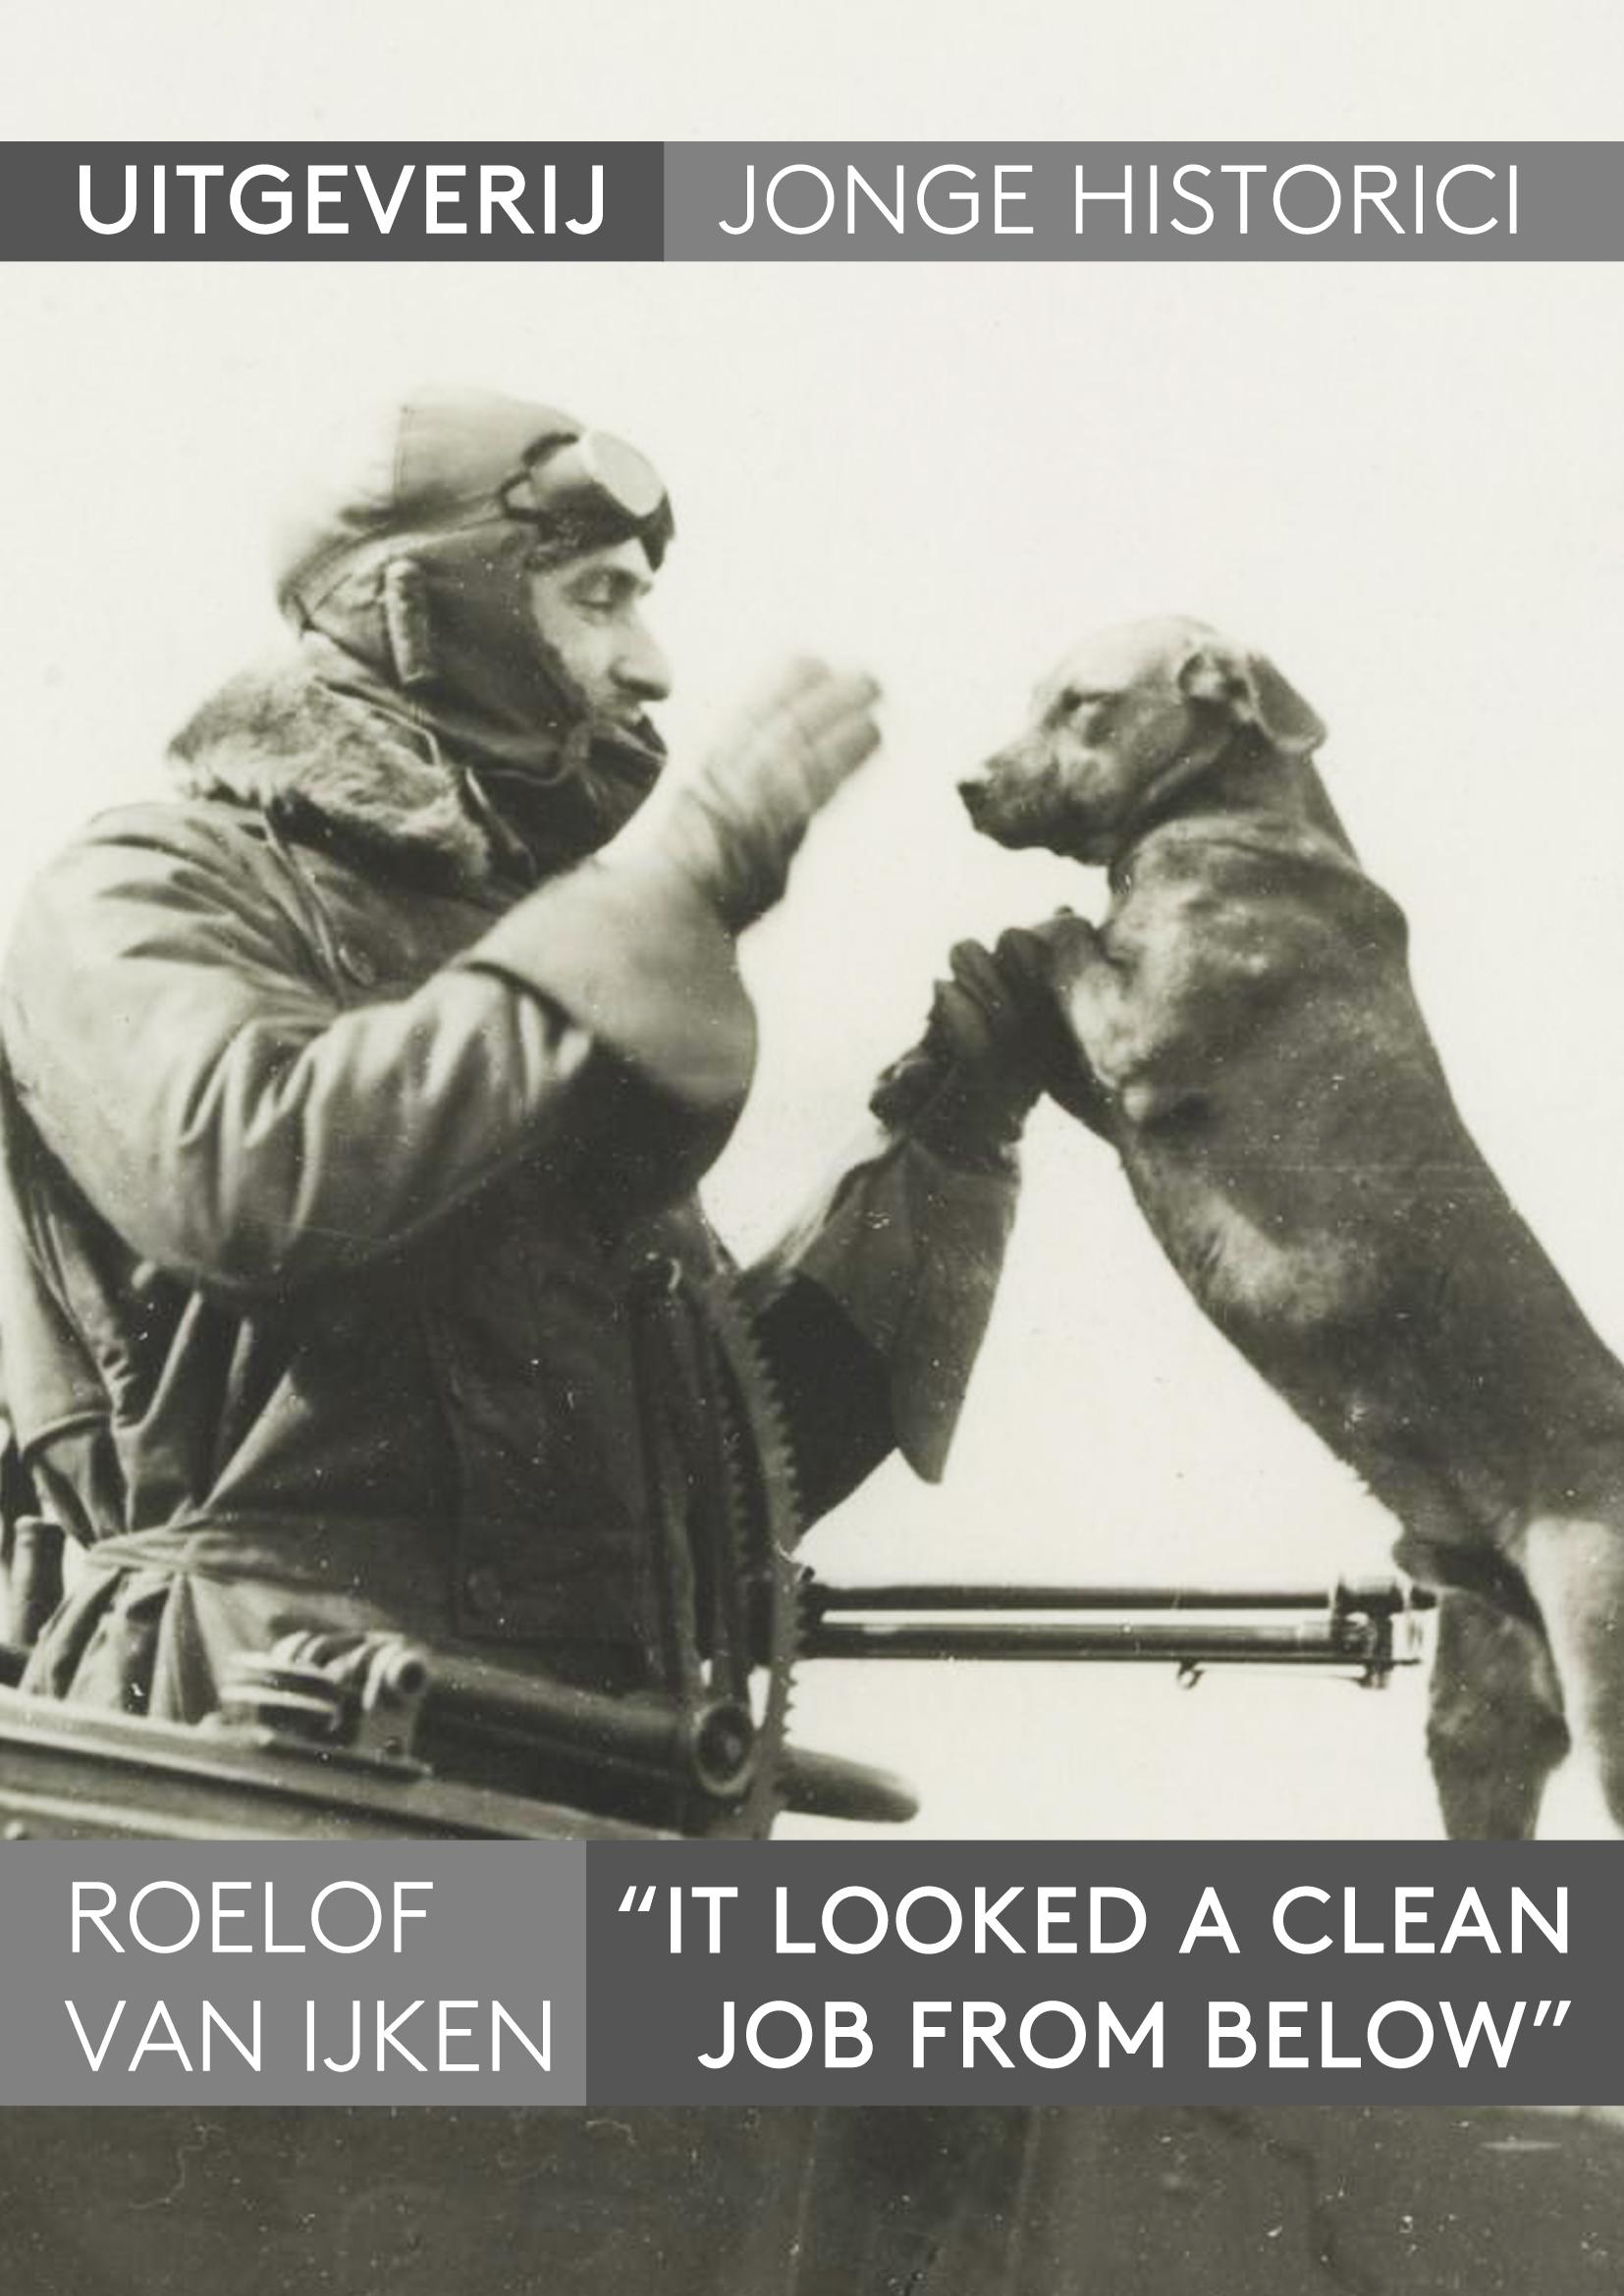 Roelof van IJken, 'It looked a clean job from below'. Herinneringen en beeldvorming met betrekking tot jachtvliegers tijdens de Eerste Wereldoorlog en het Interbellum